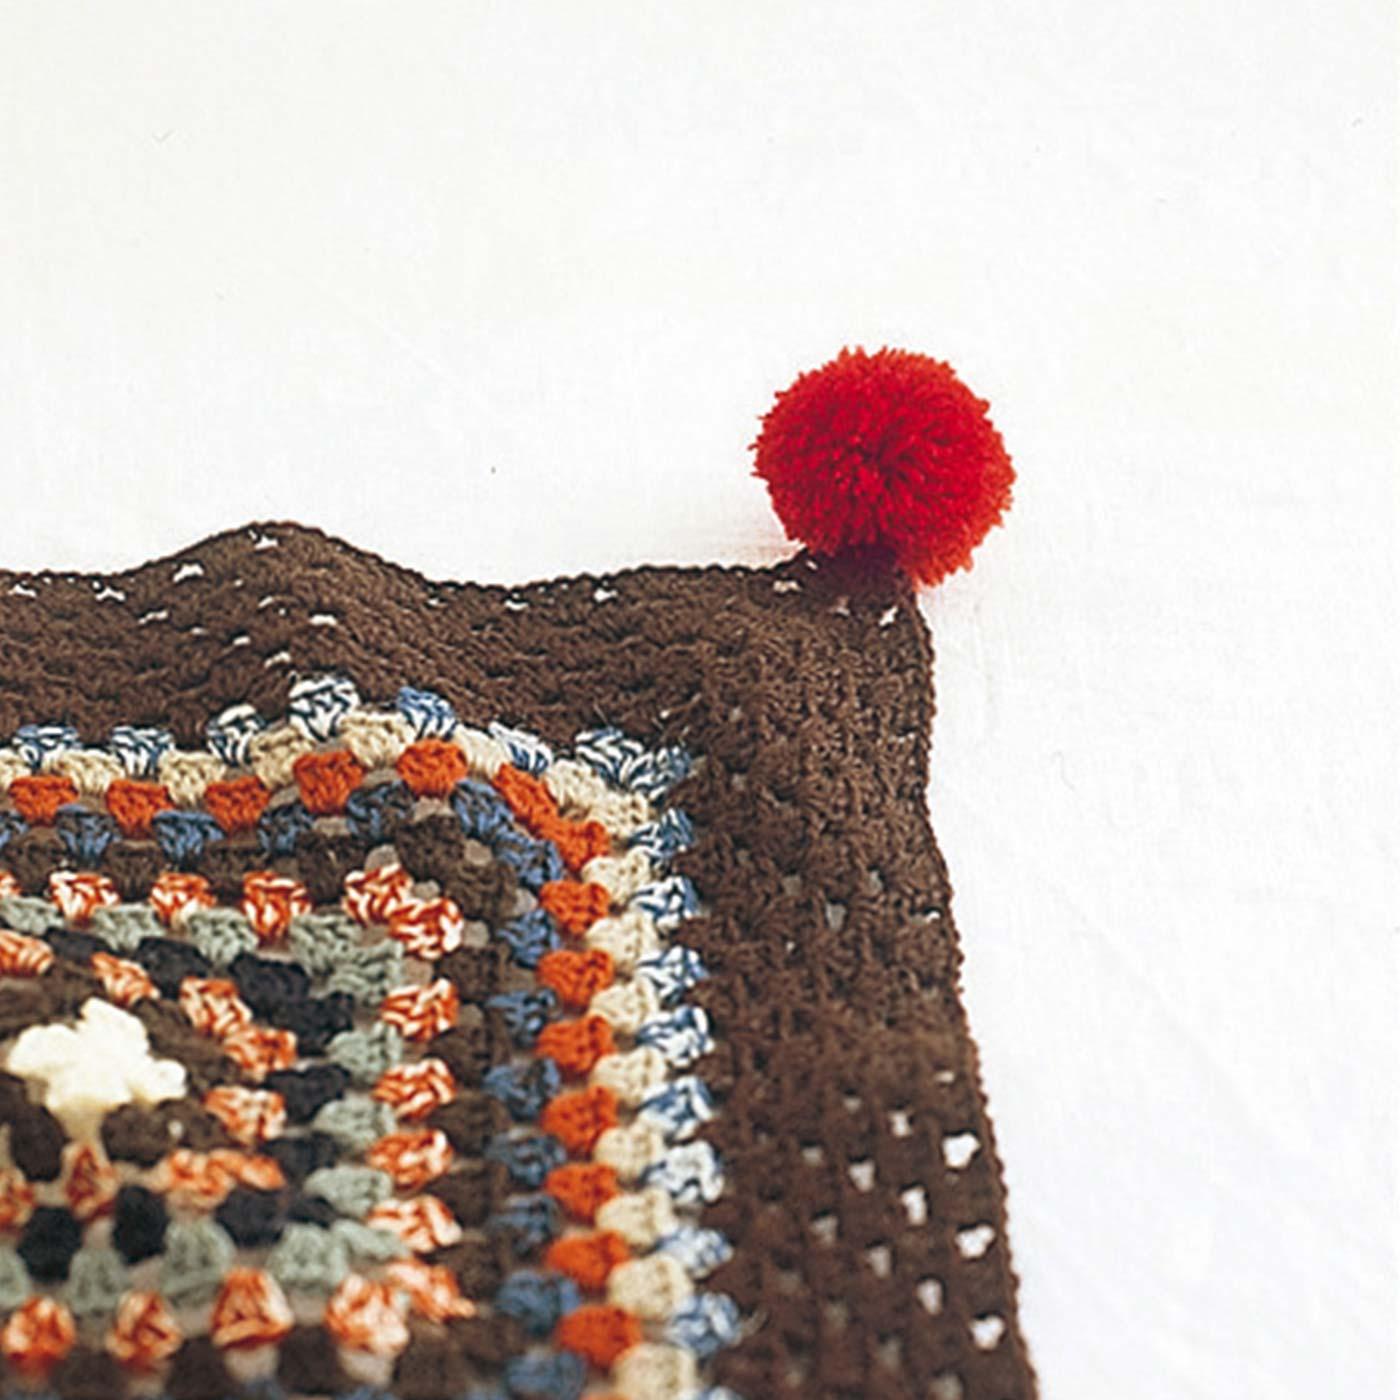 ポンポン用の毛糸もセット。